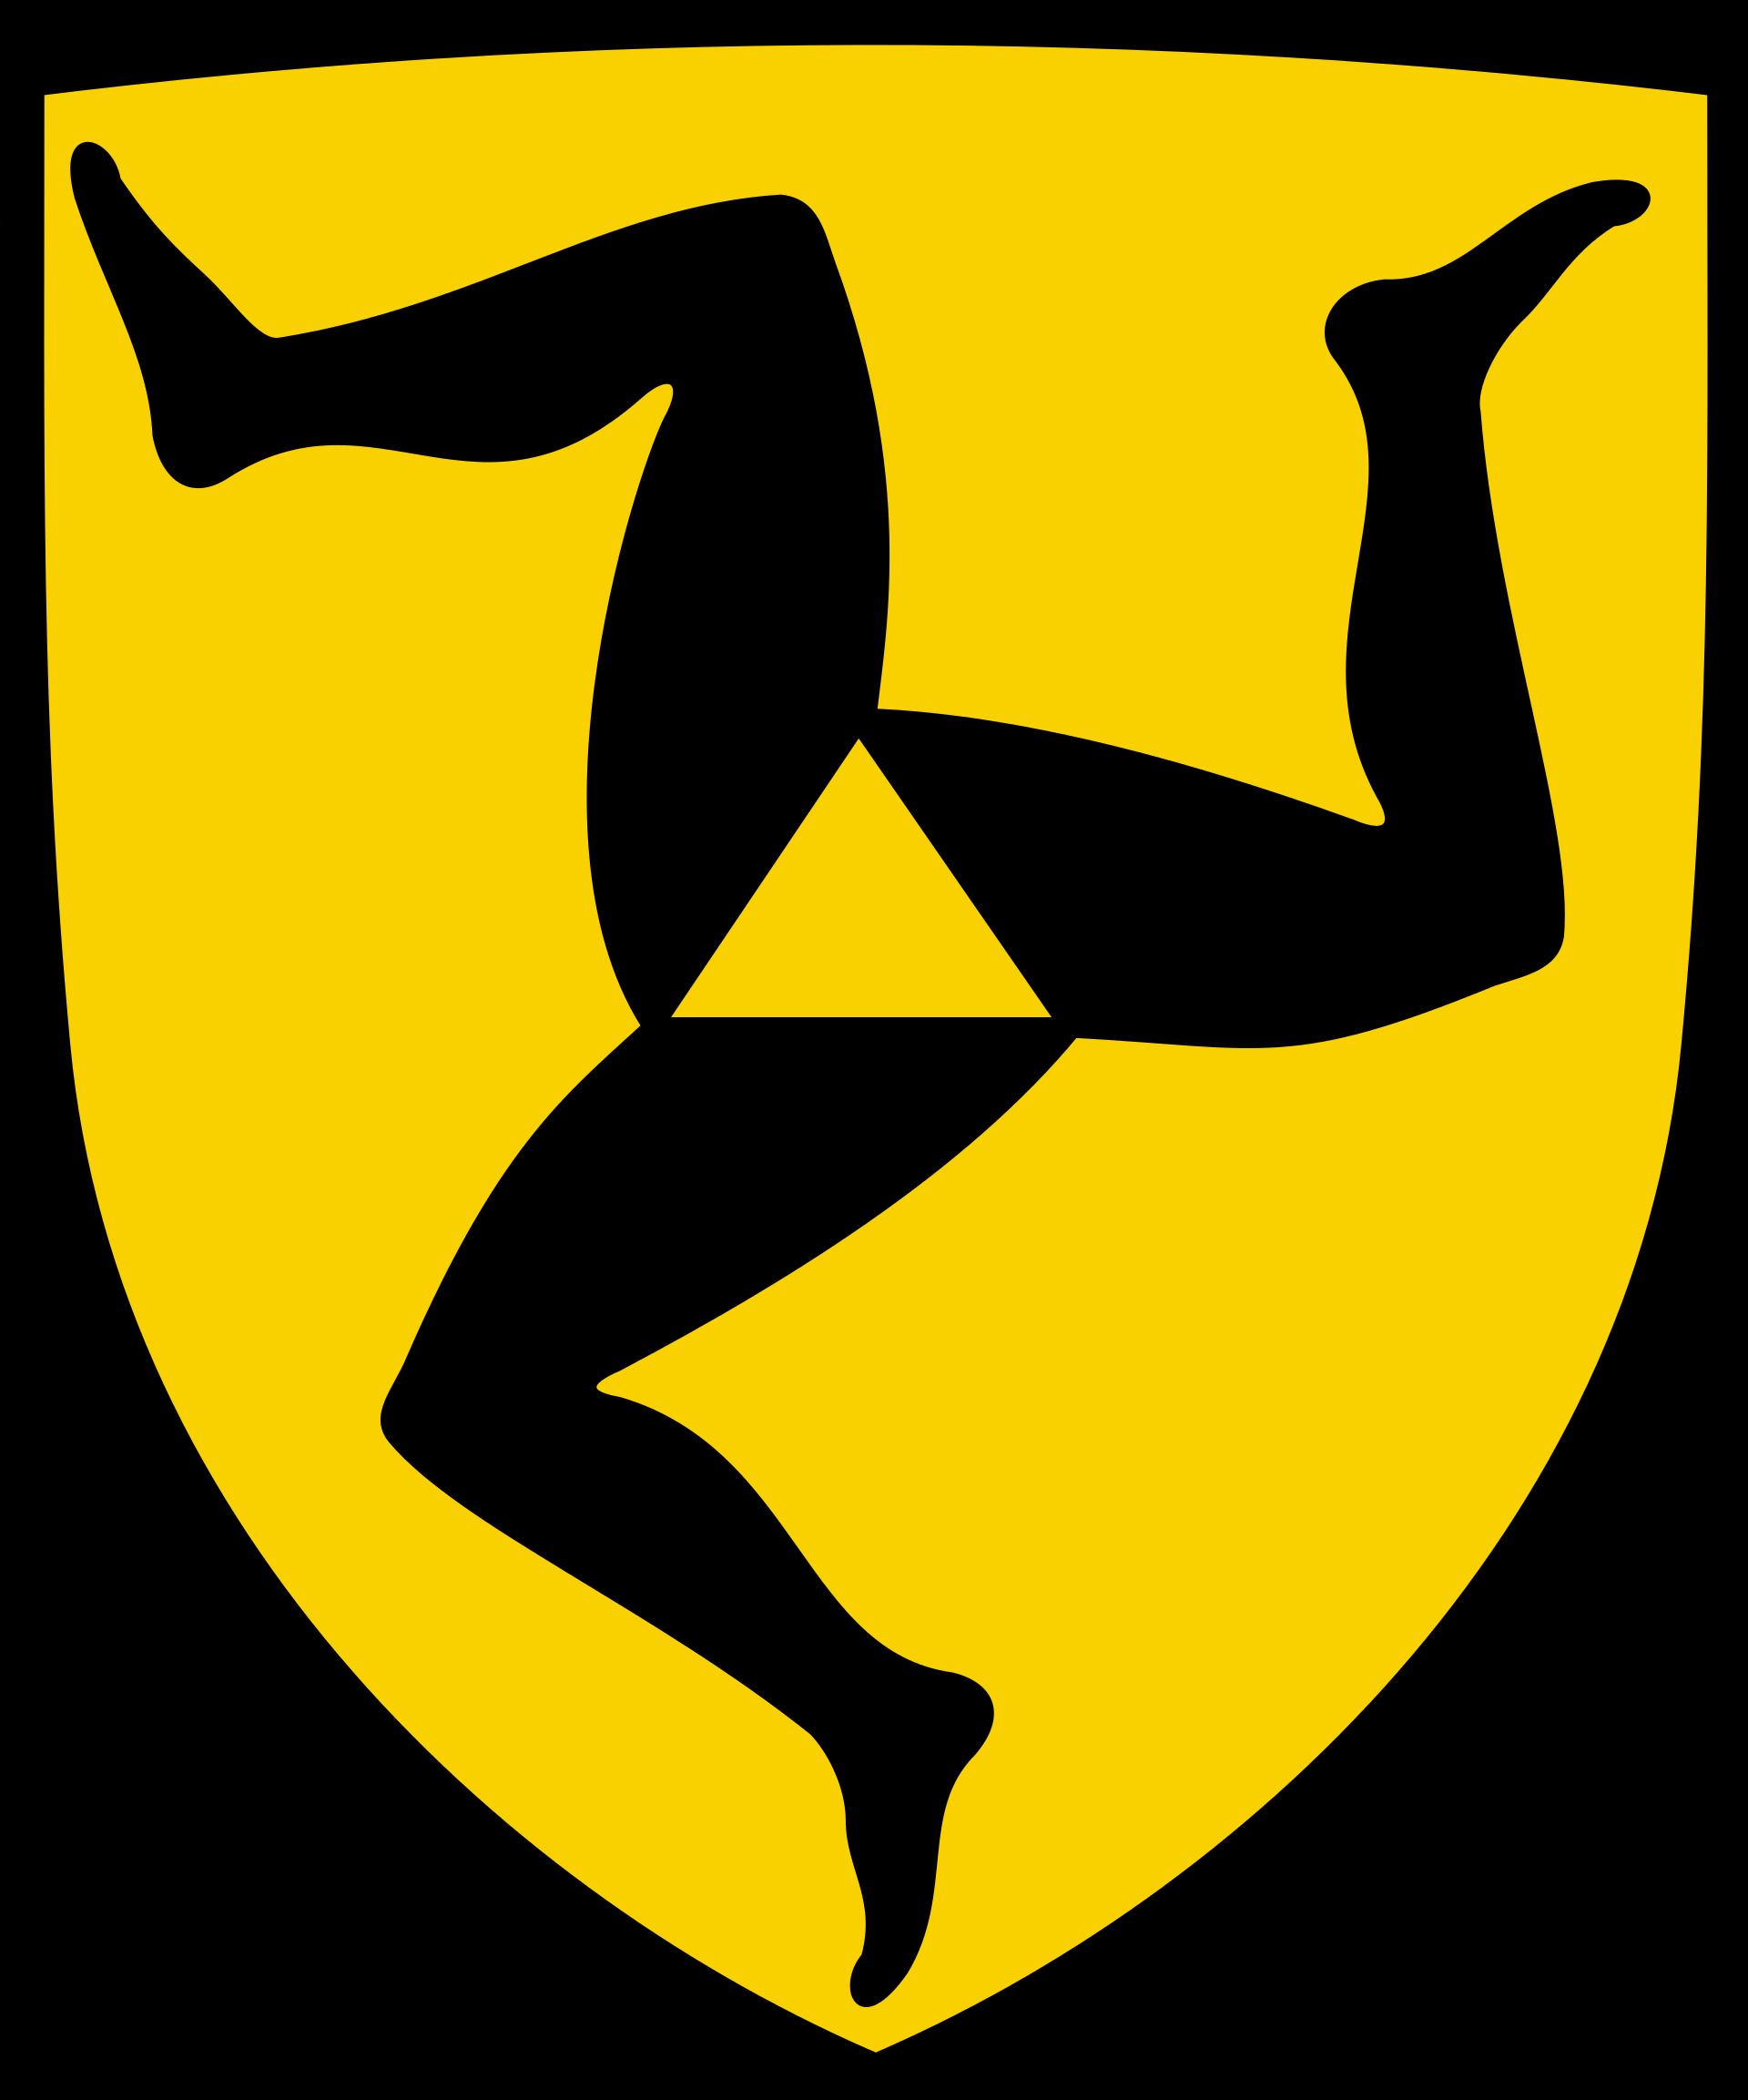 Wappen der Stadt Füssen